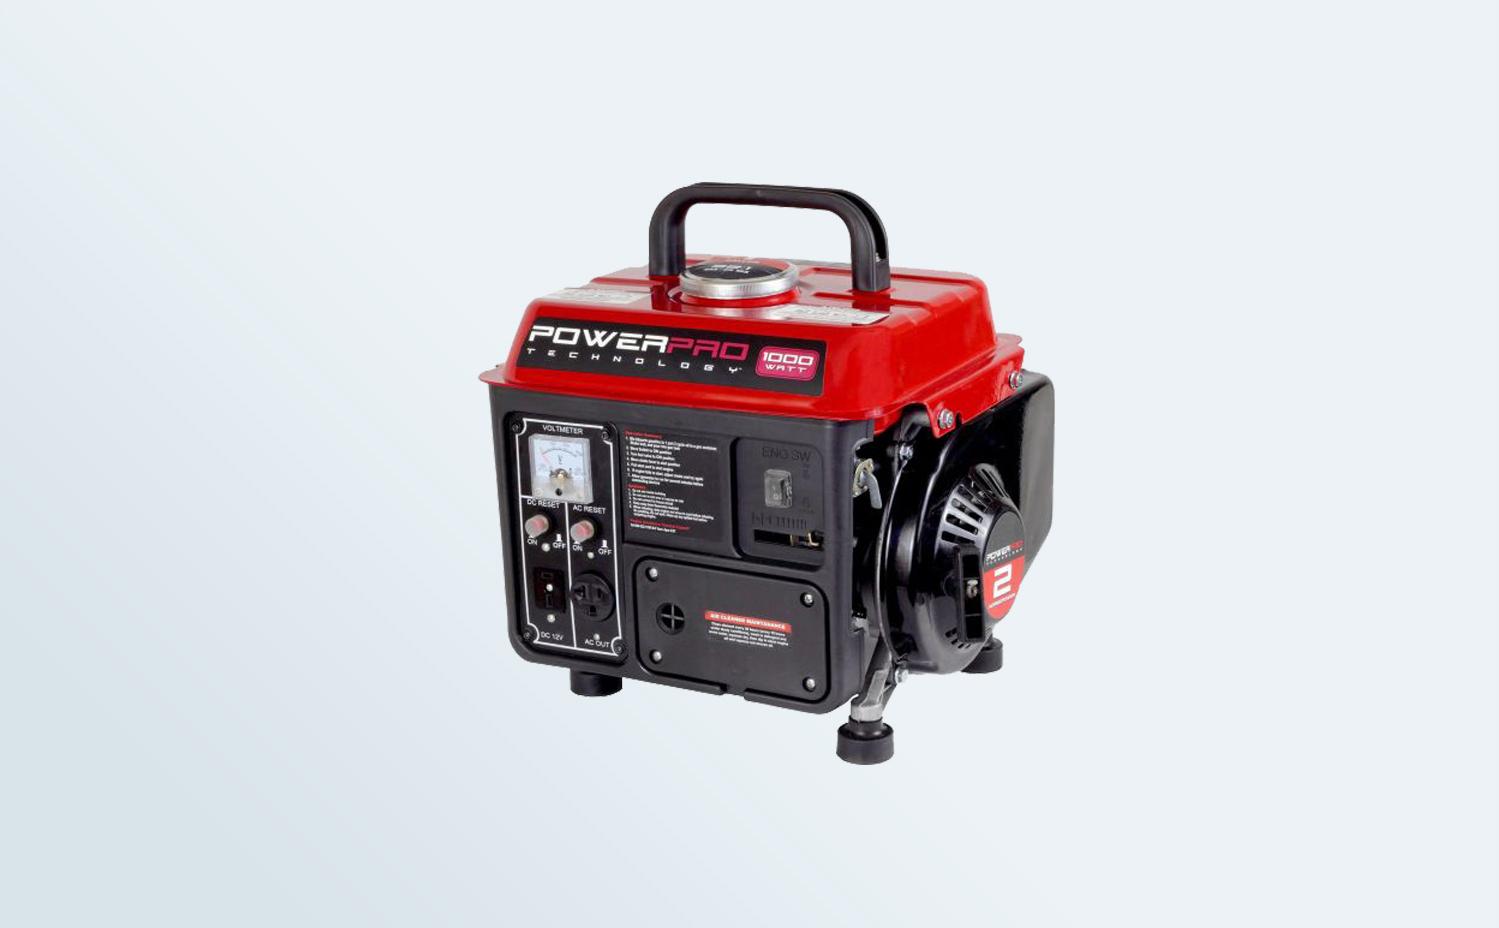 Best Portable Generators 2019 - Home Generator Reviews